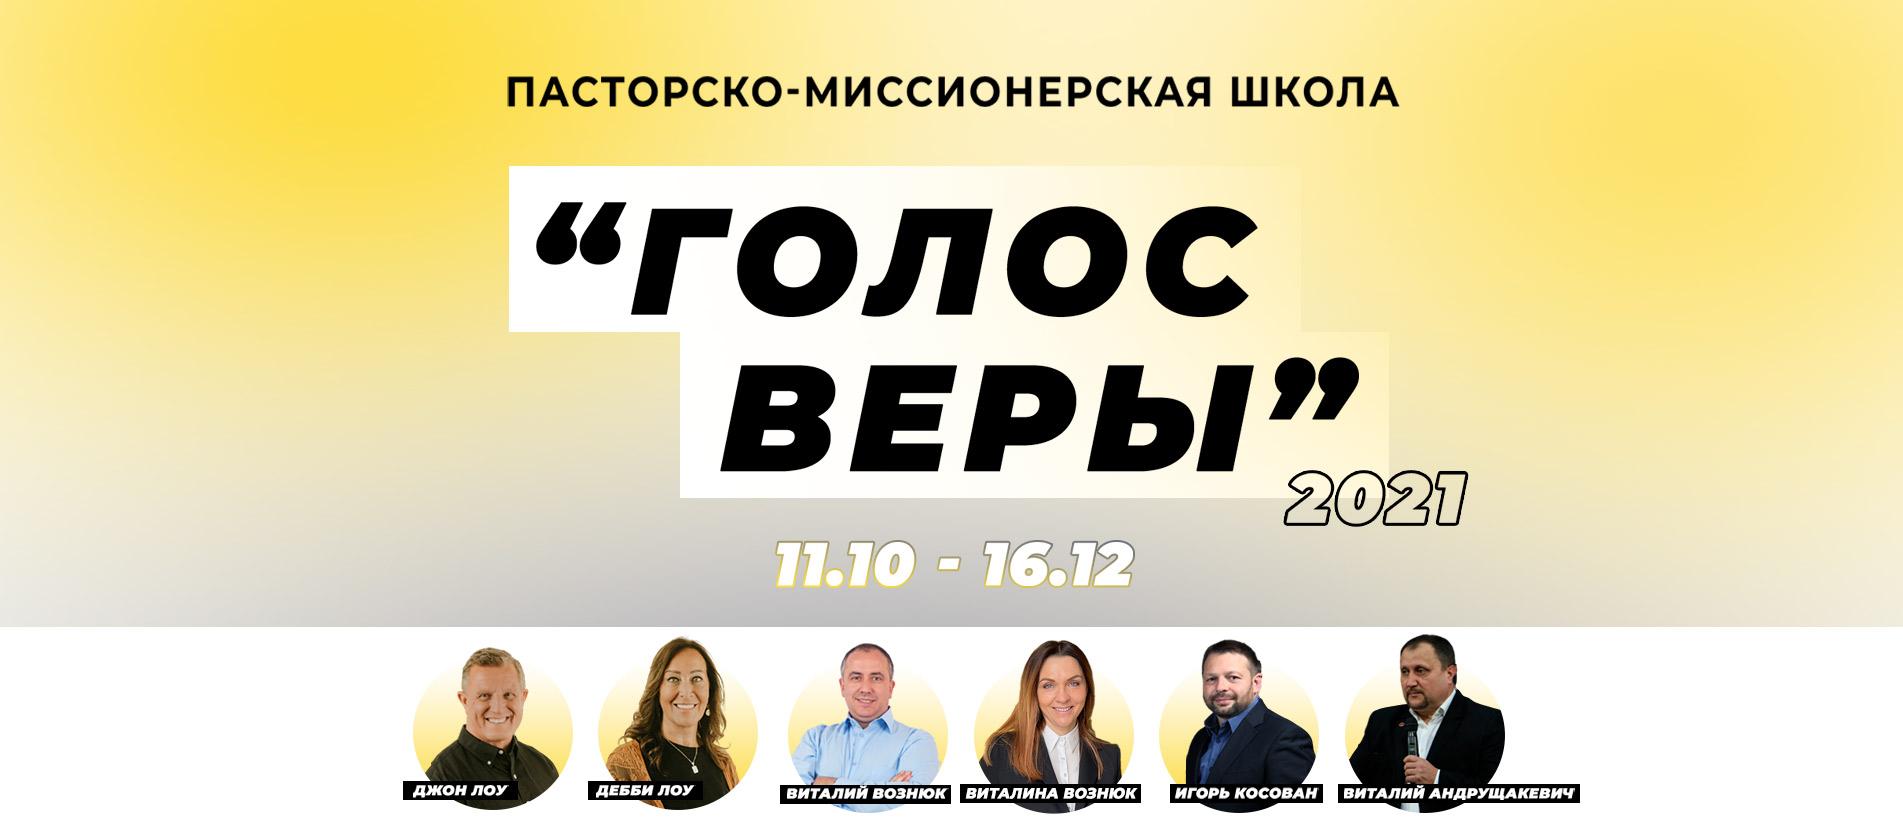 ПАСТОРСКО-МИССИОНЕРСКАЯ ШКОЛА «ГОЛОС ВЕРЫ» 2021